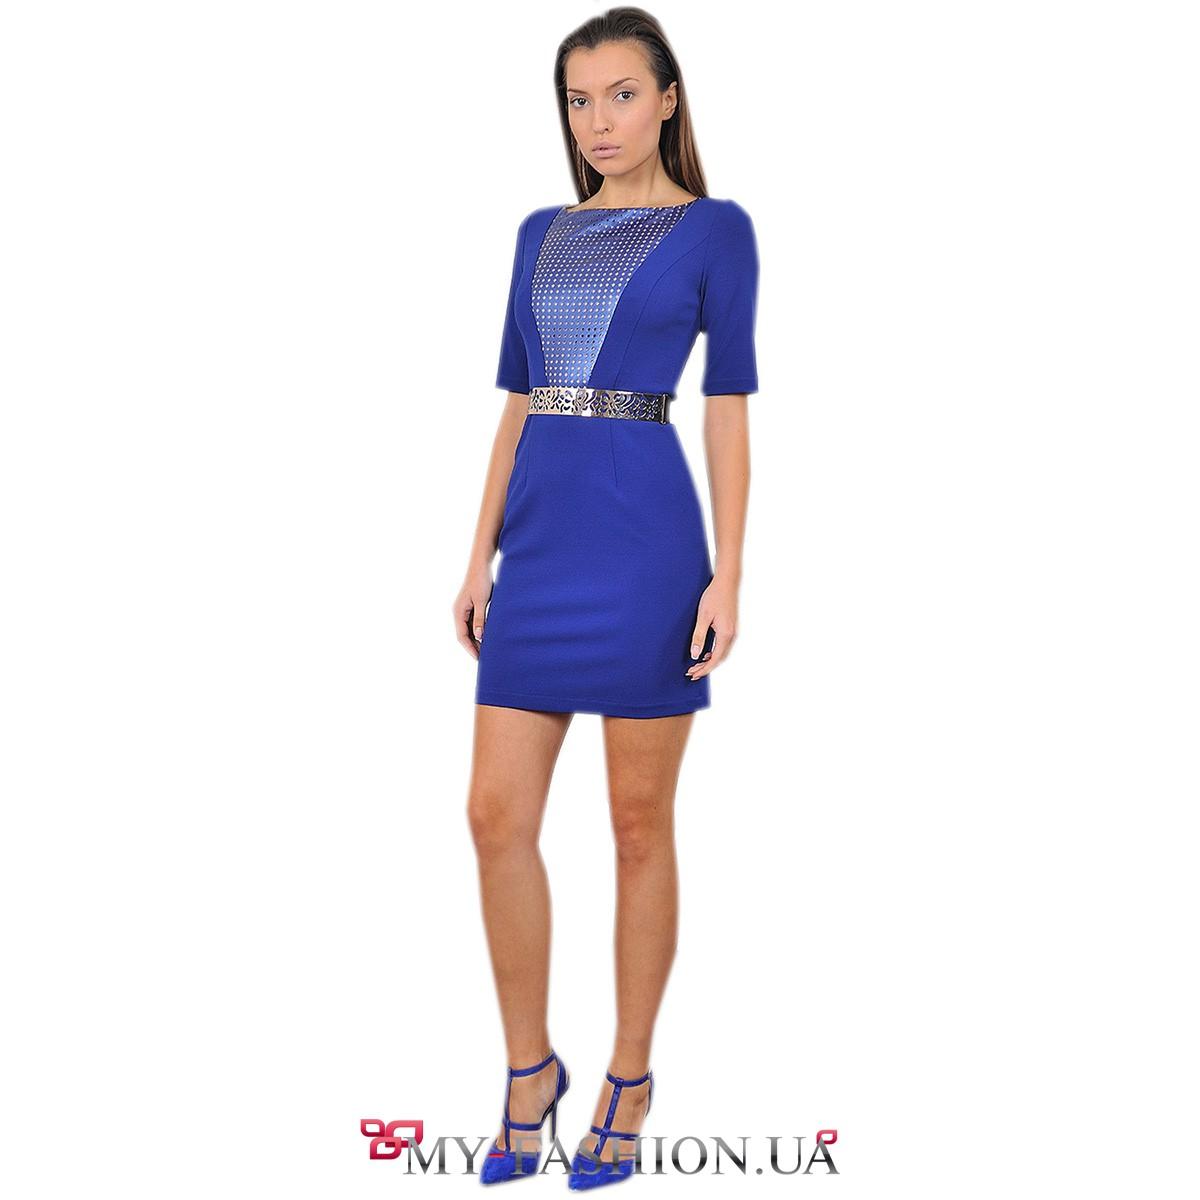 Платье Футляр Купить В Интернет